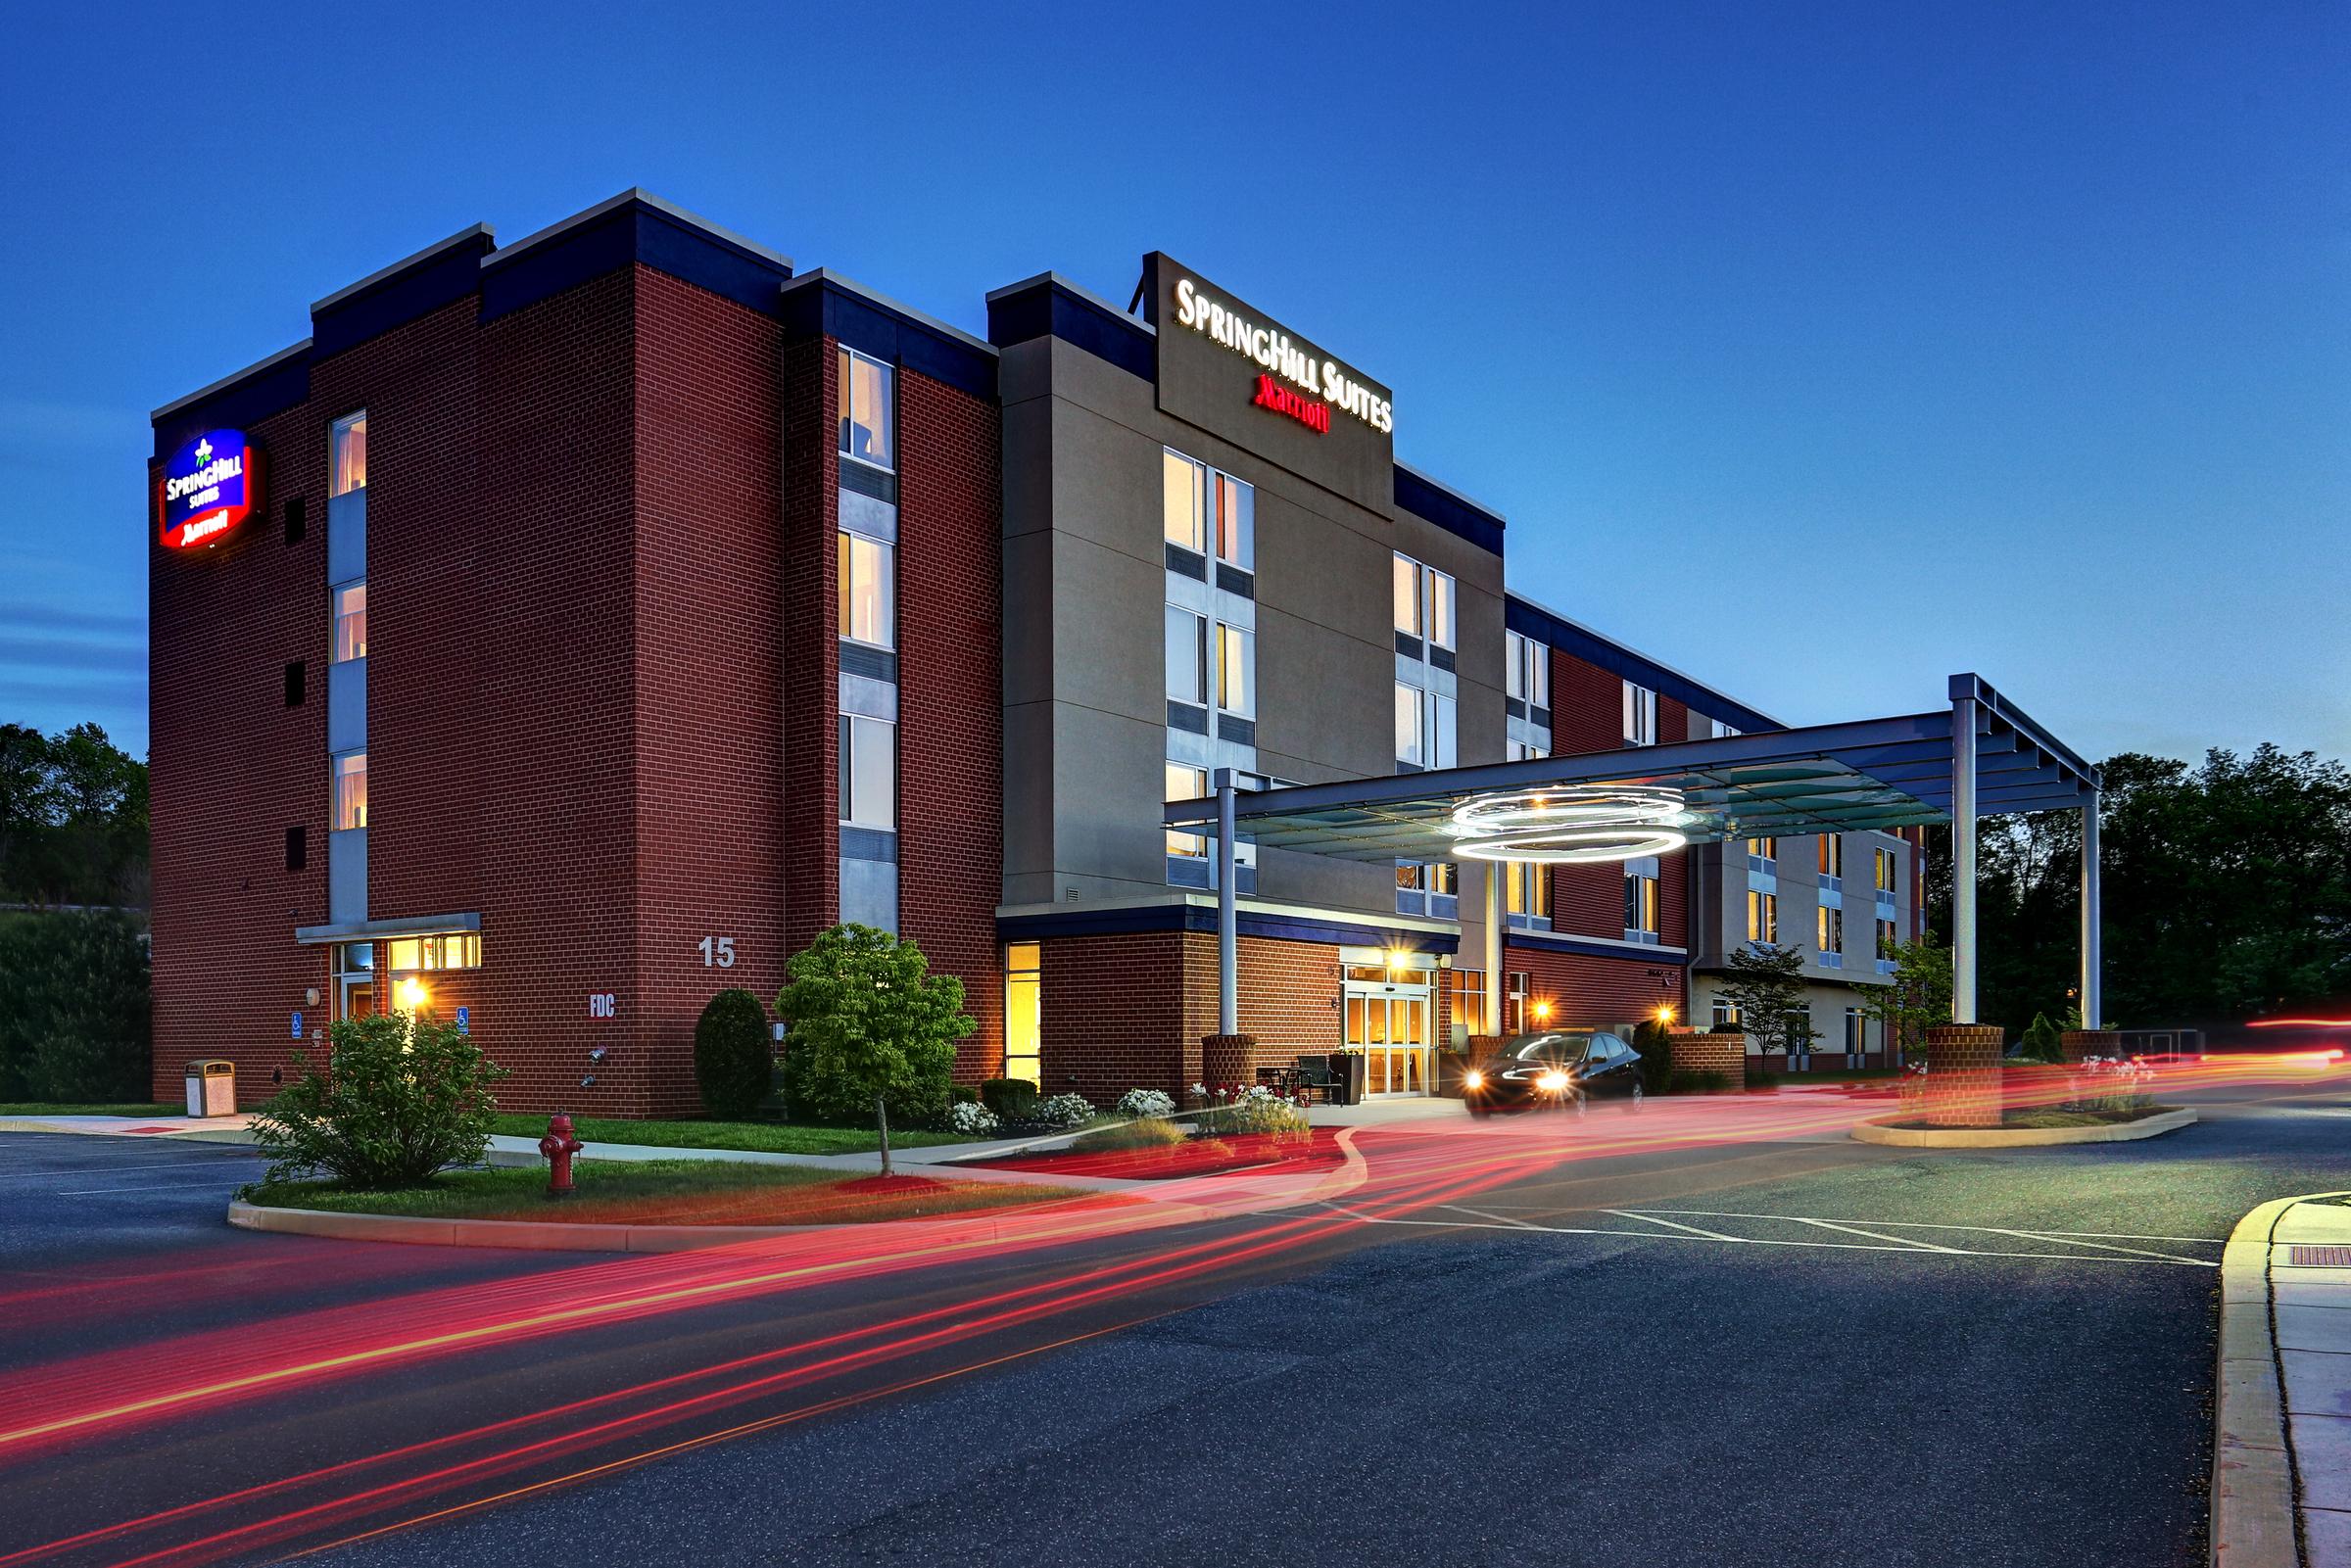 Springhill Suites Hershey Harrisburg